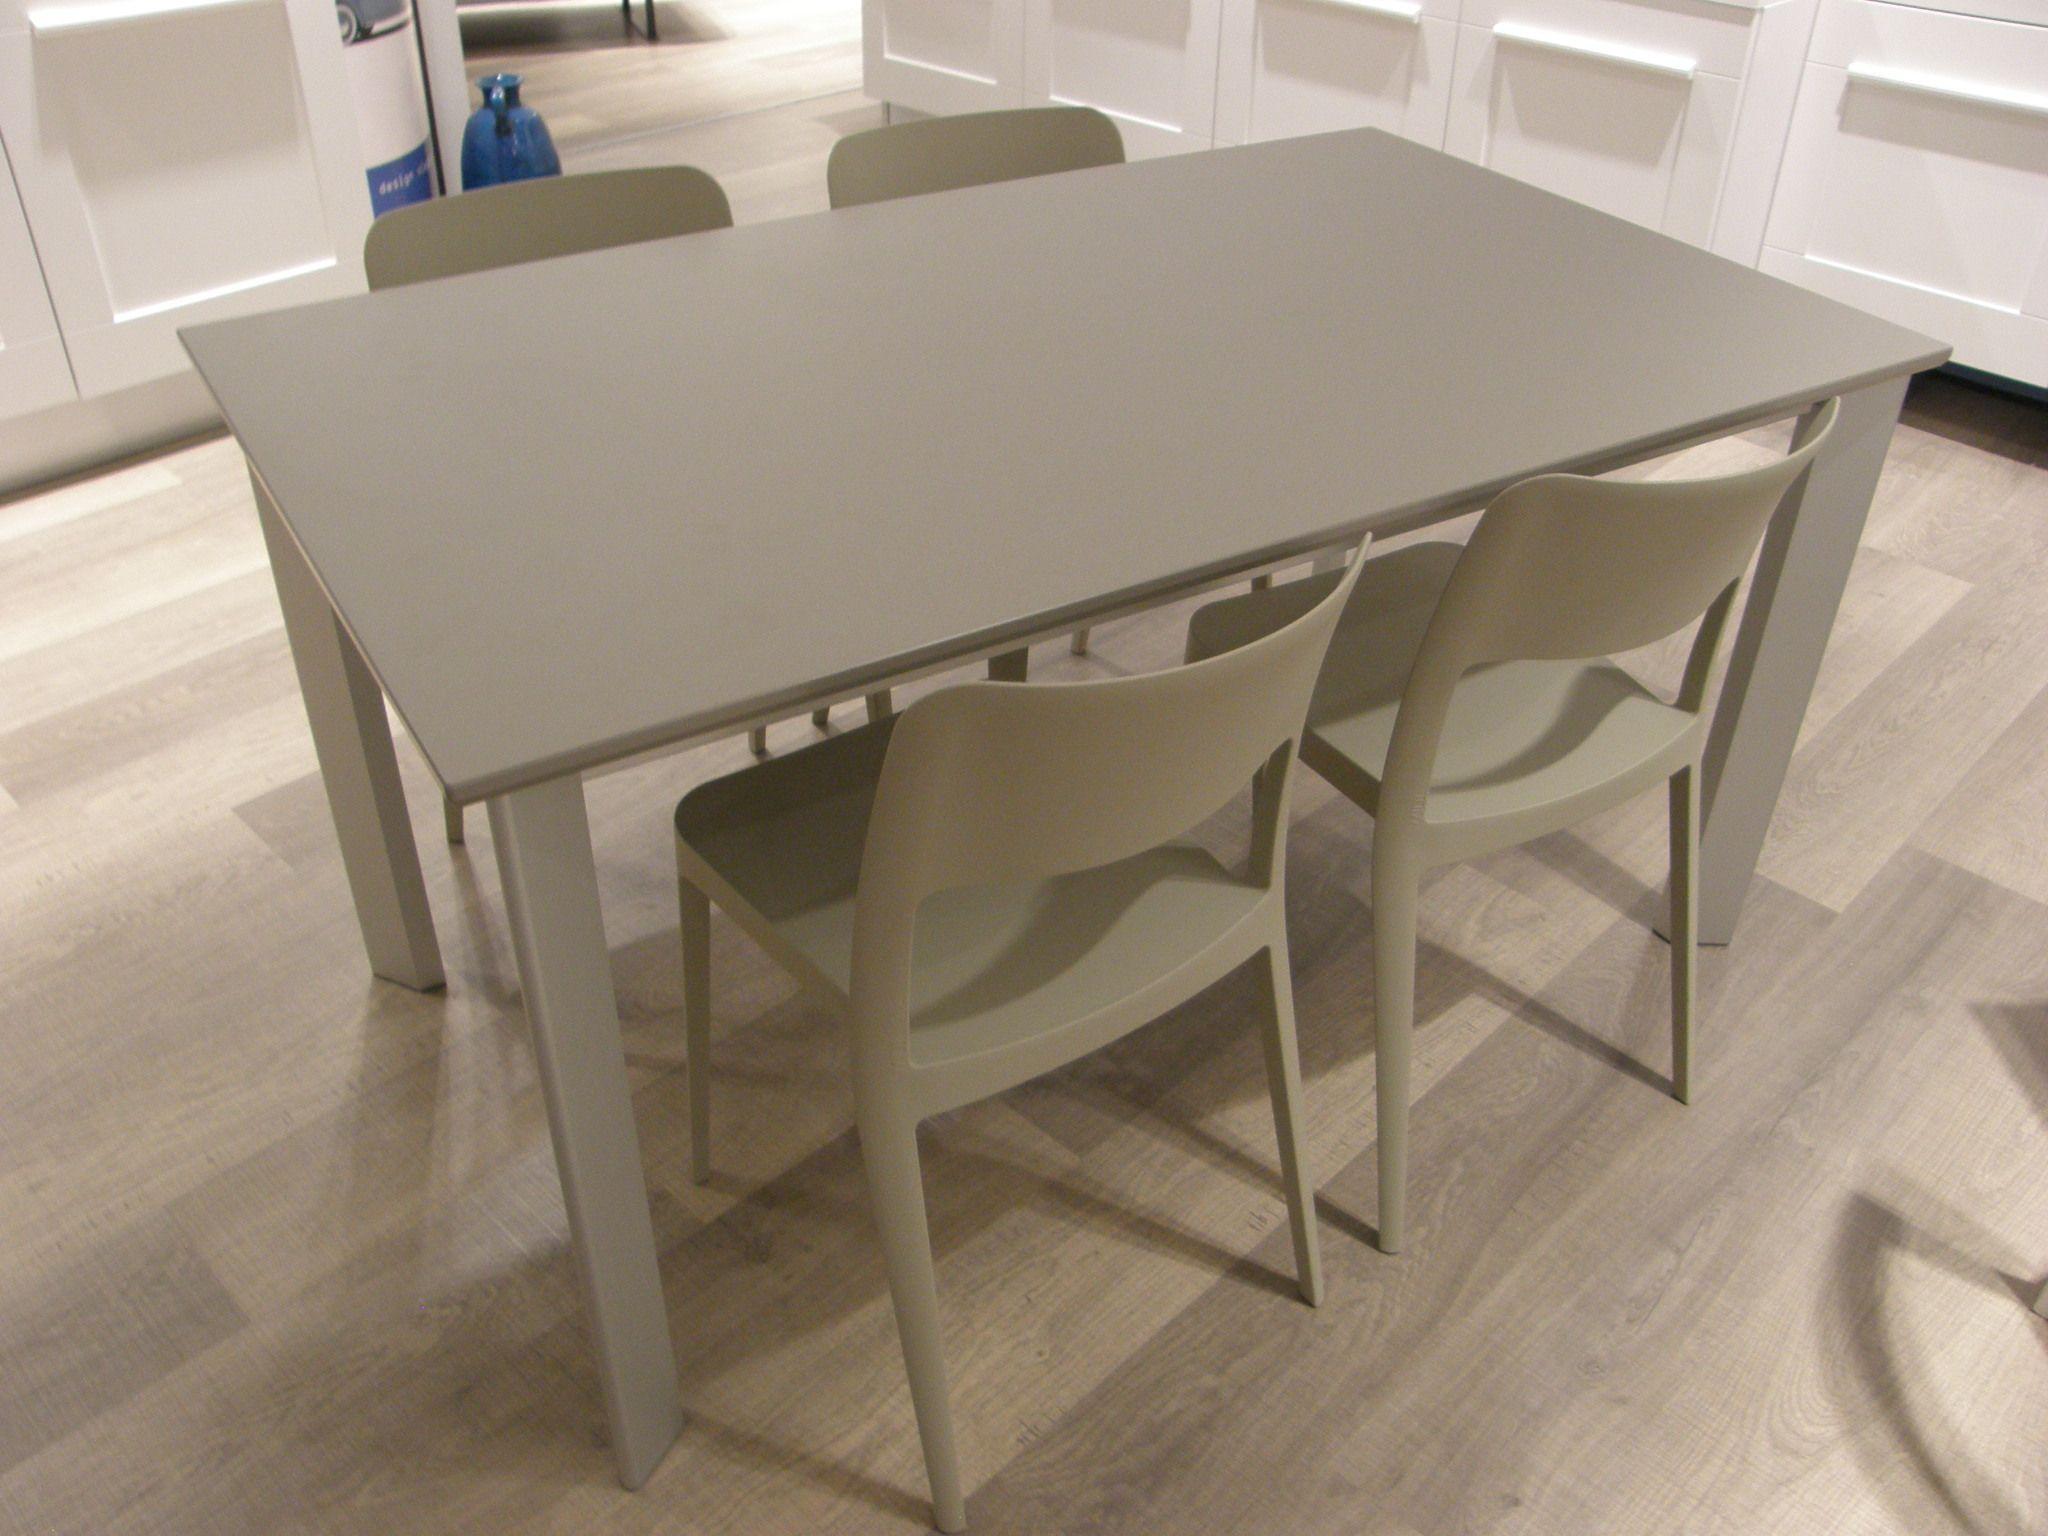 tavolo per cucina lube moderno modello lotus scontato del approfitta subito dellu